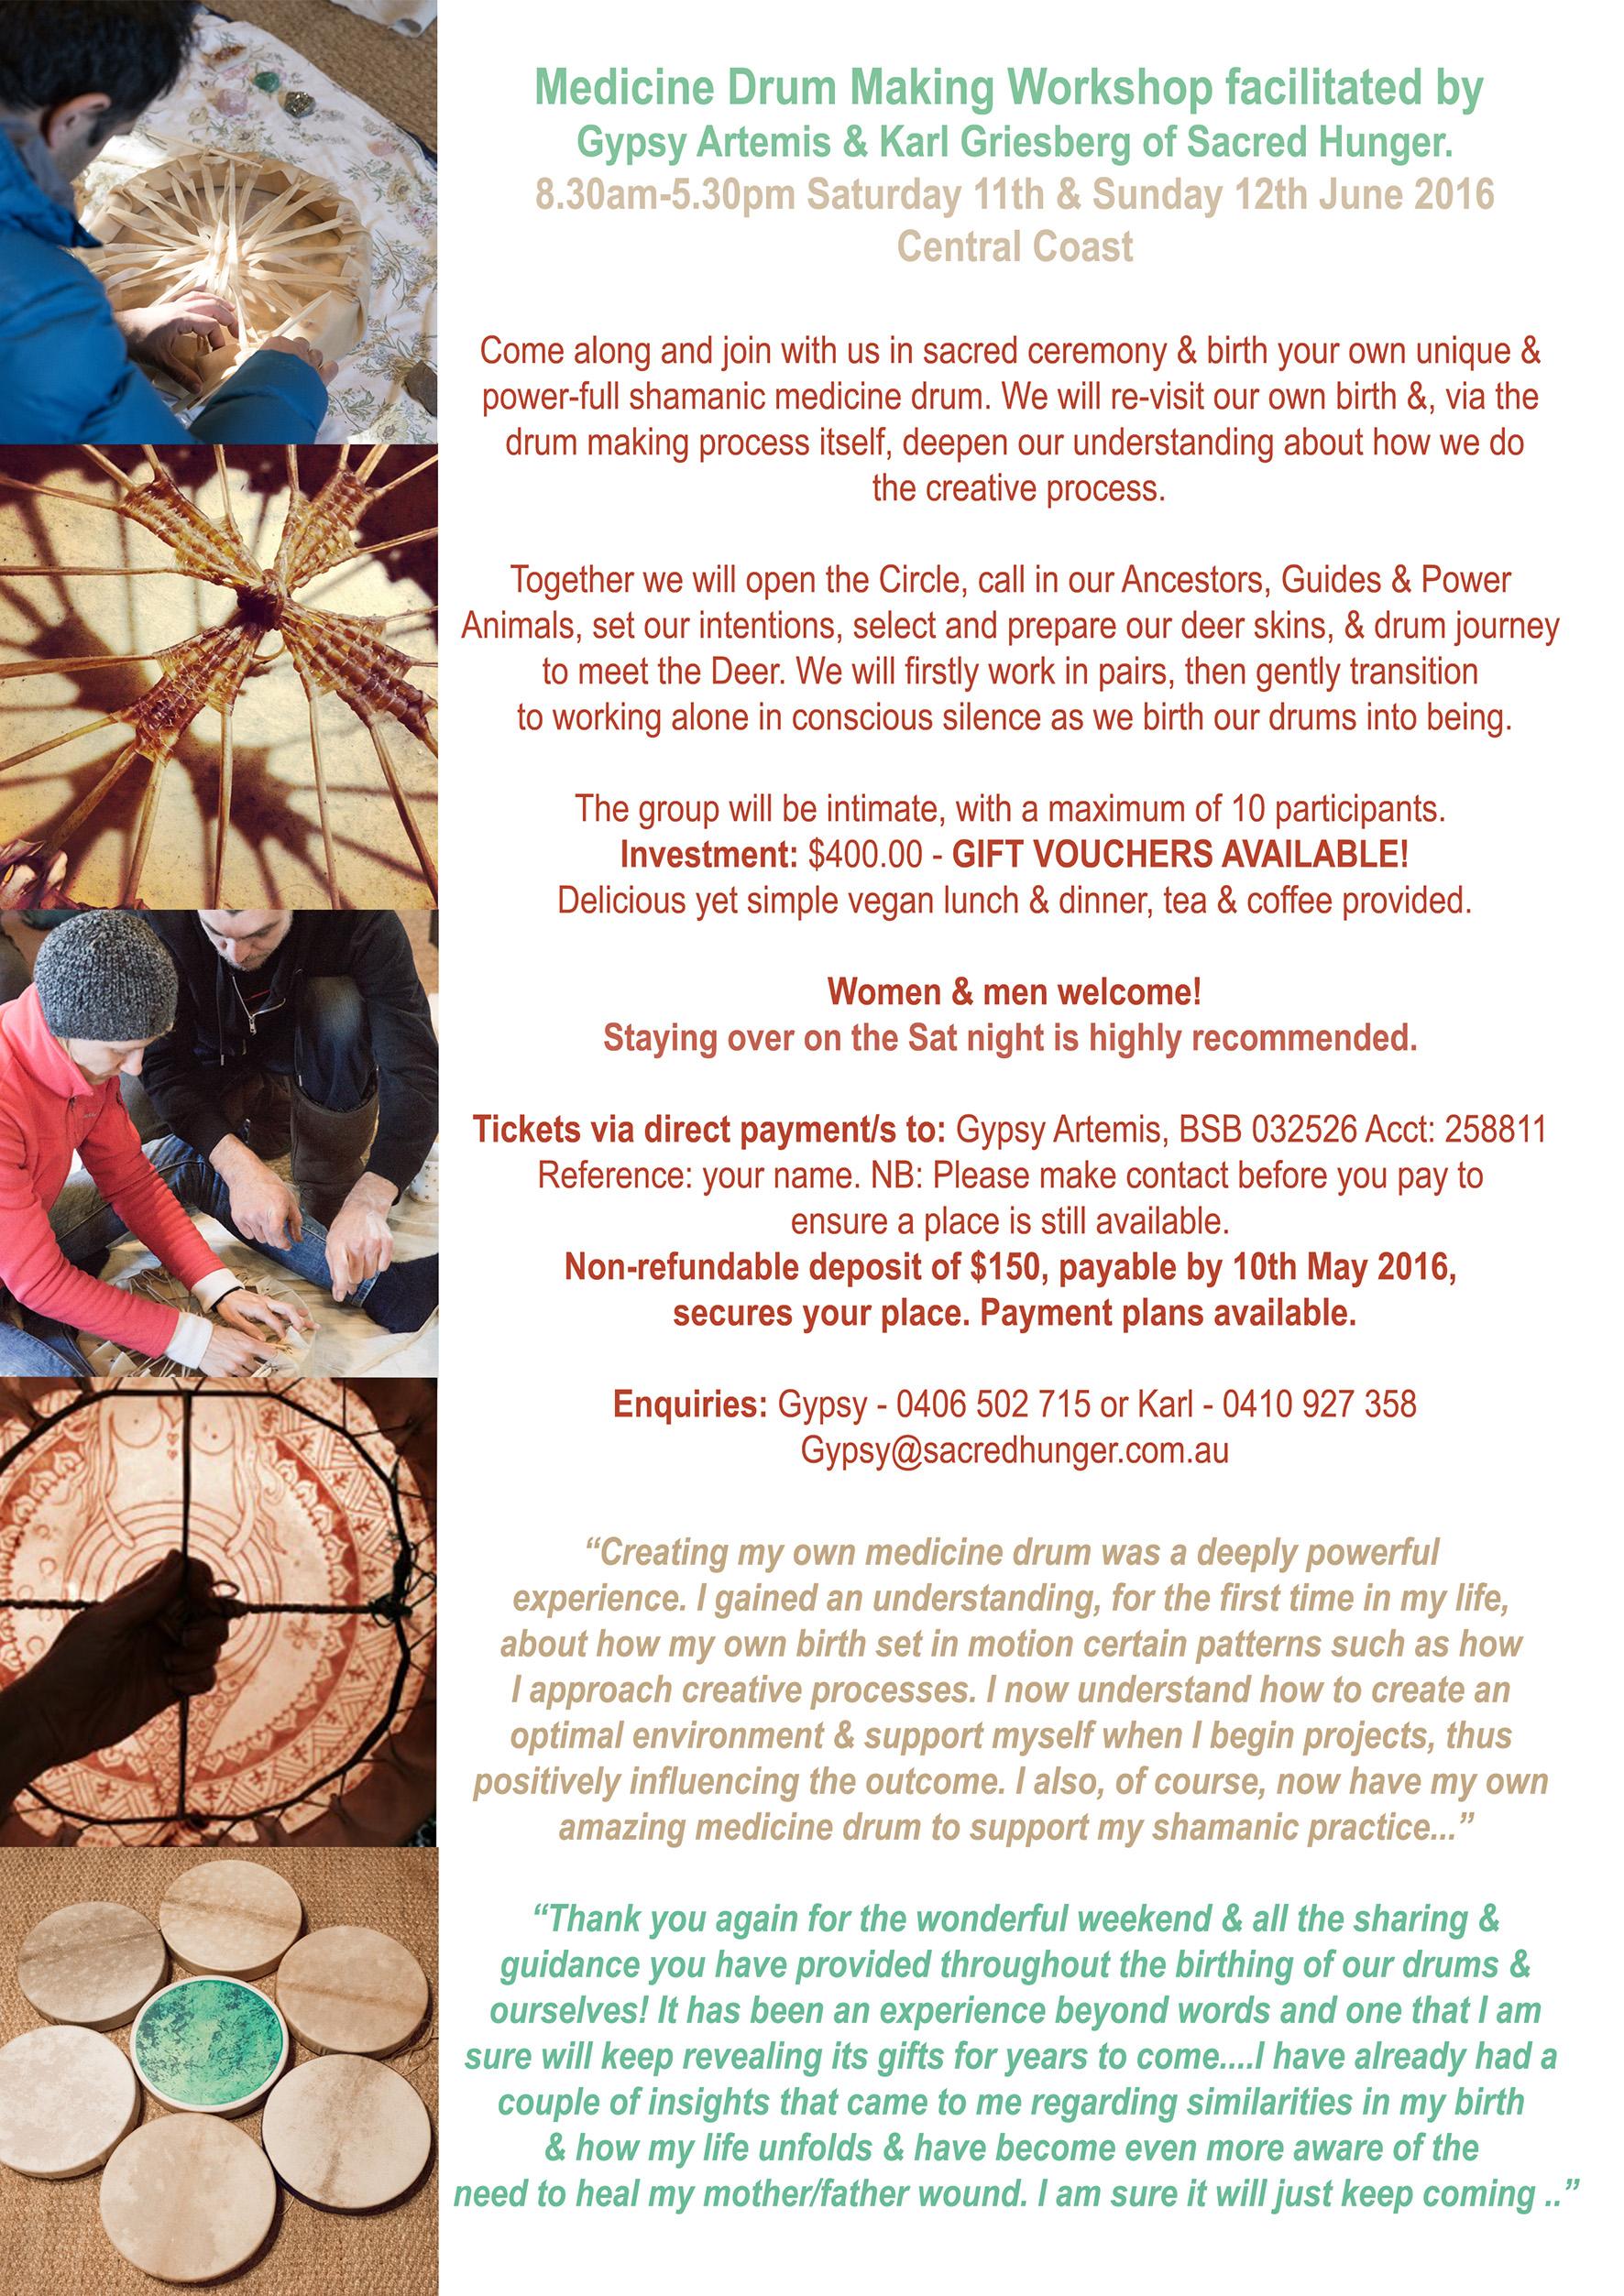 Winter Shamanic Medicine Drum Making Workshop – Make Your Own Voucher